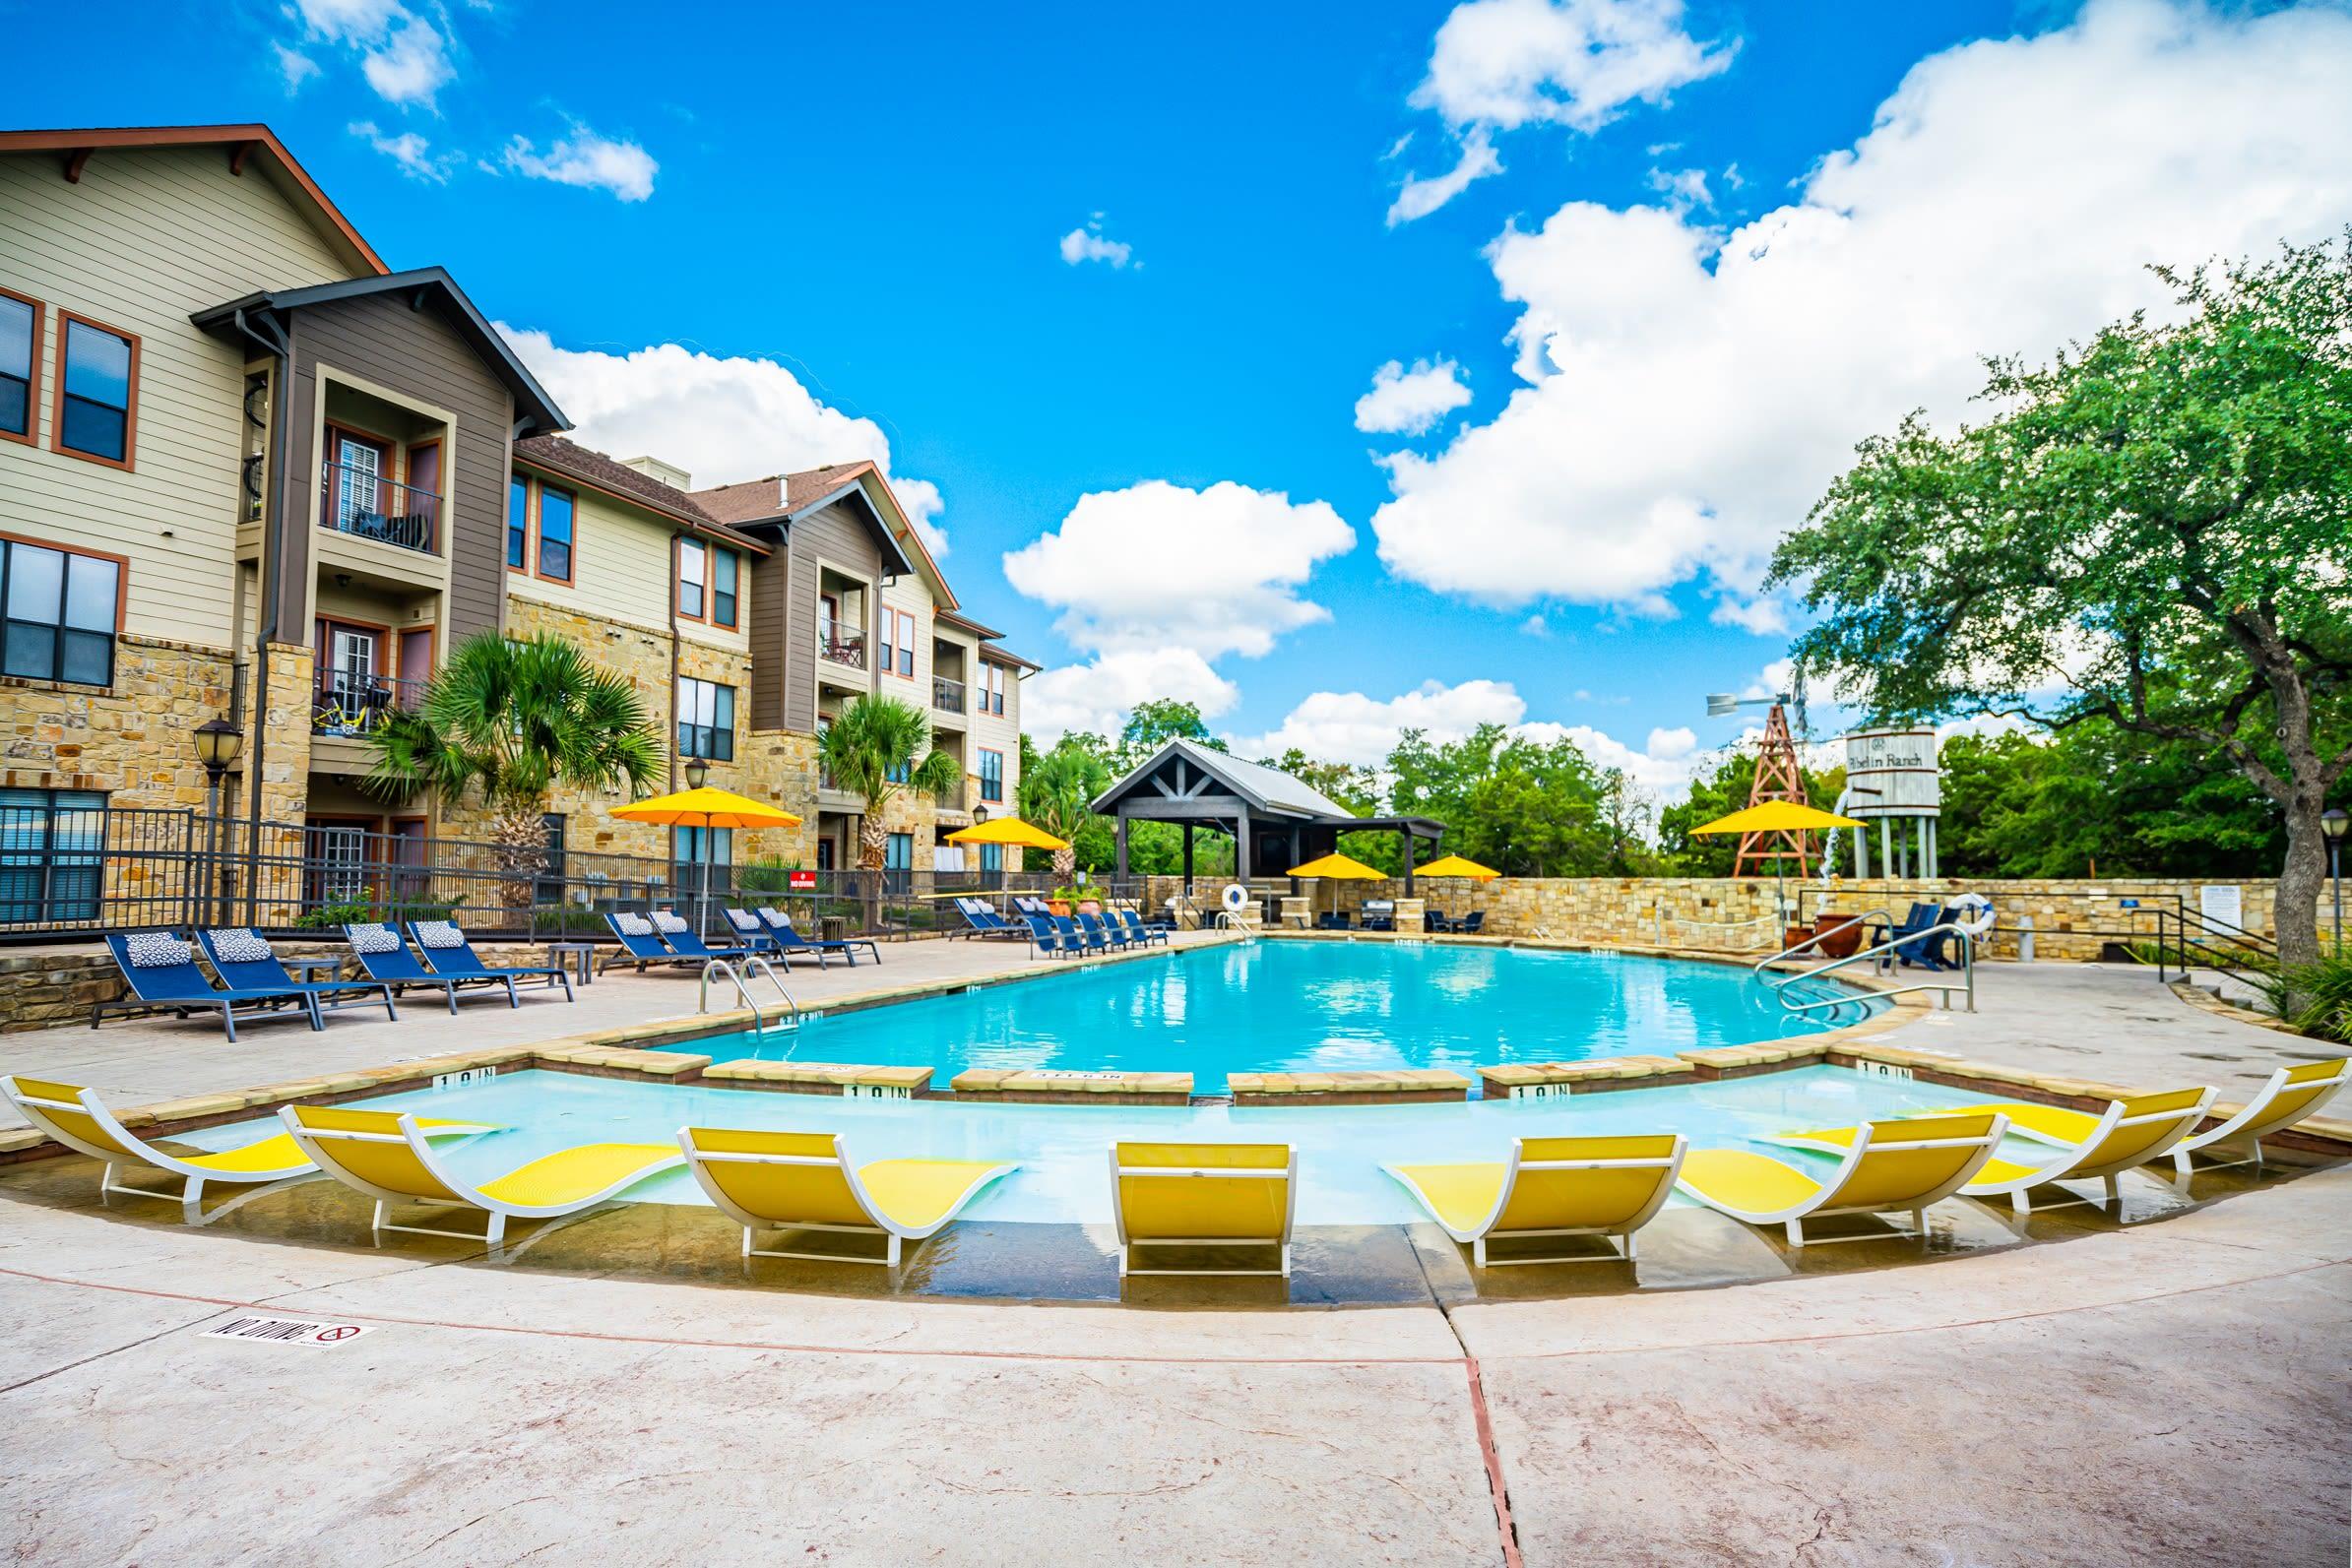 Apartments at The Asten at Ribelin Ranch in Austin, Texas